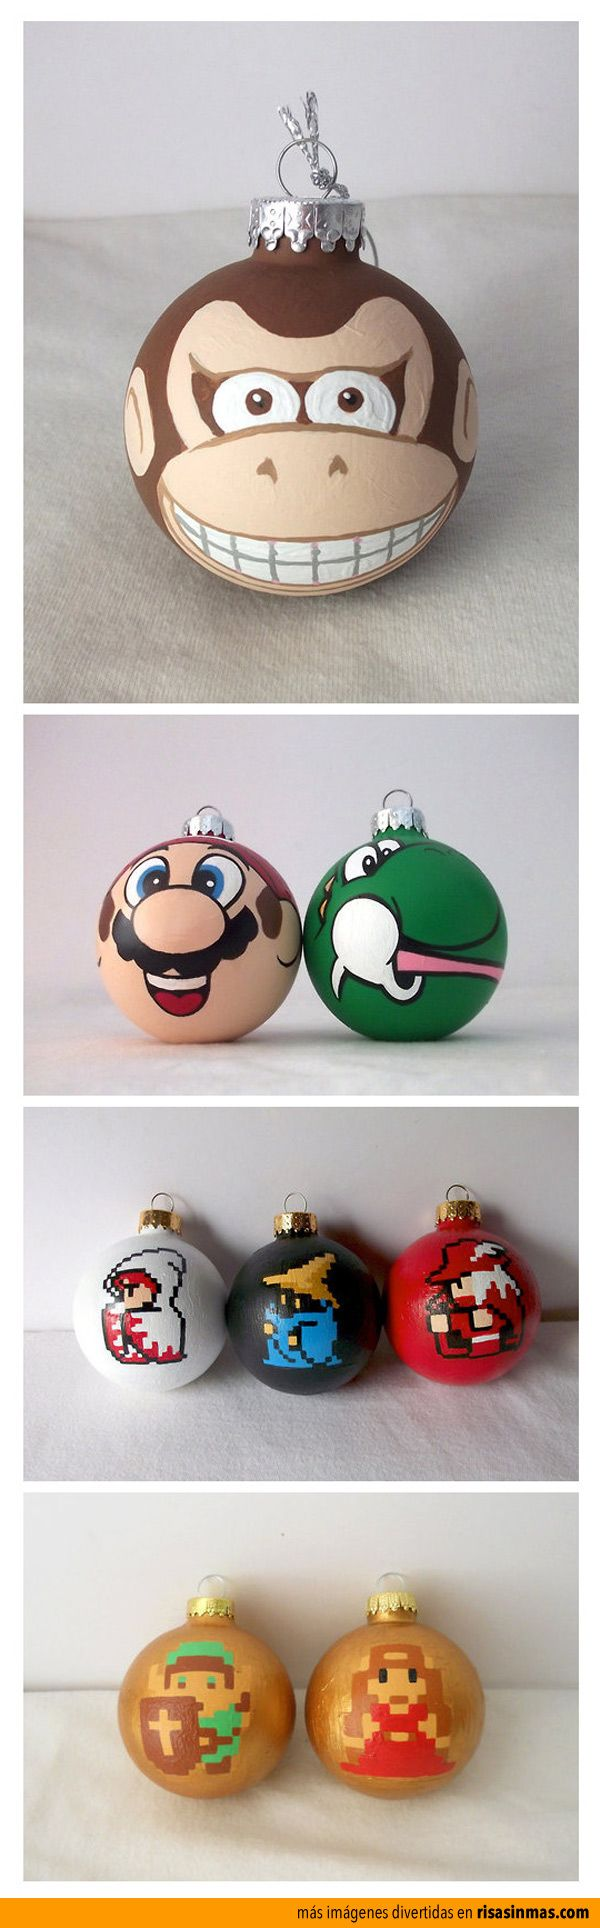 Xmas by Nintendo.